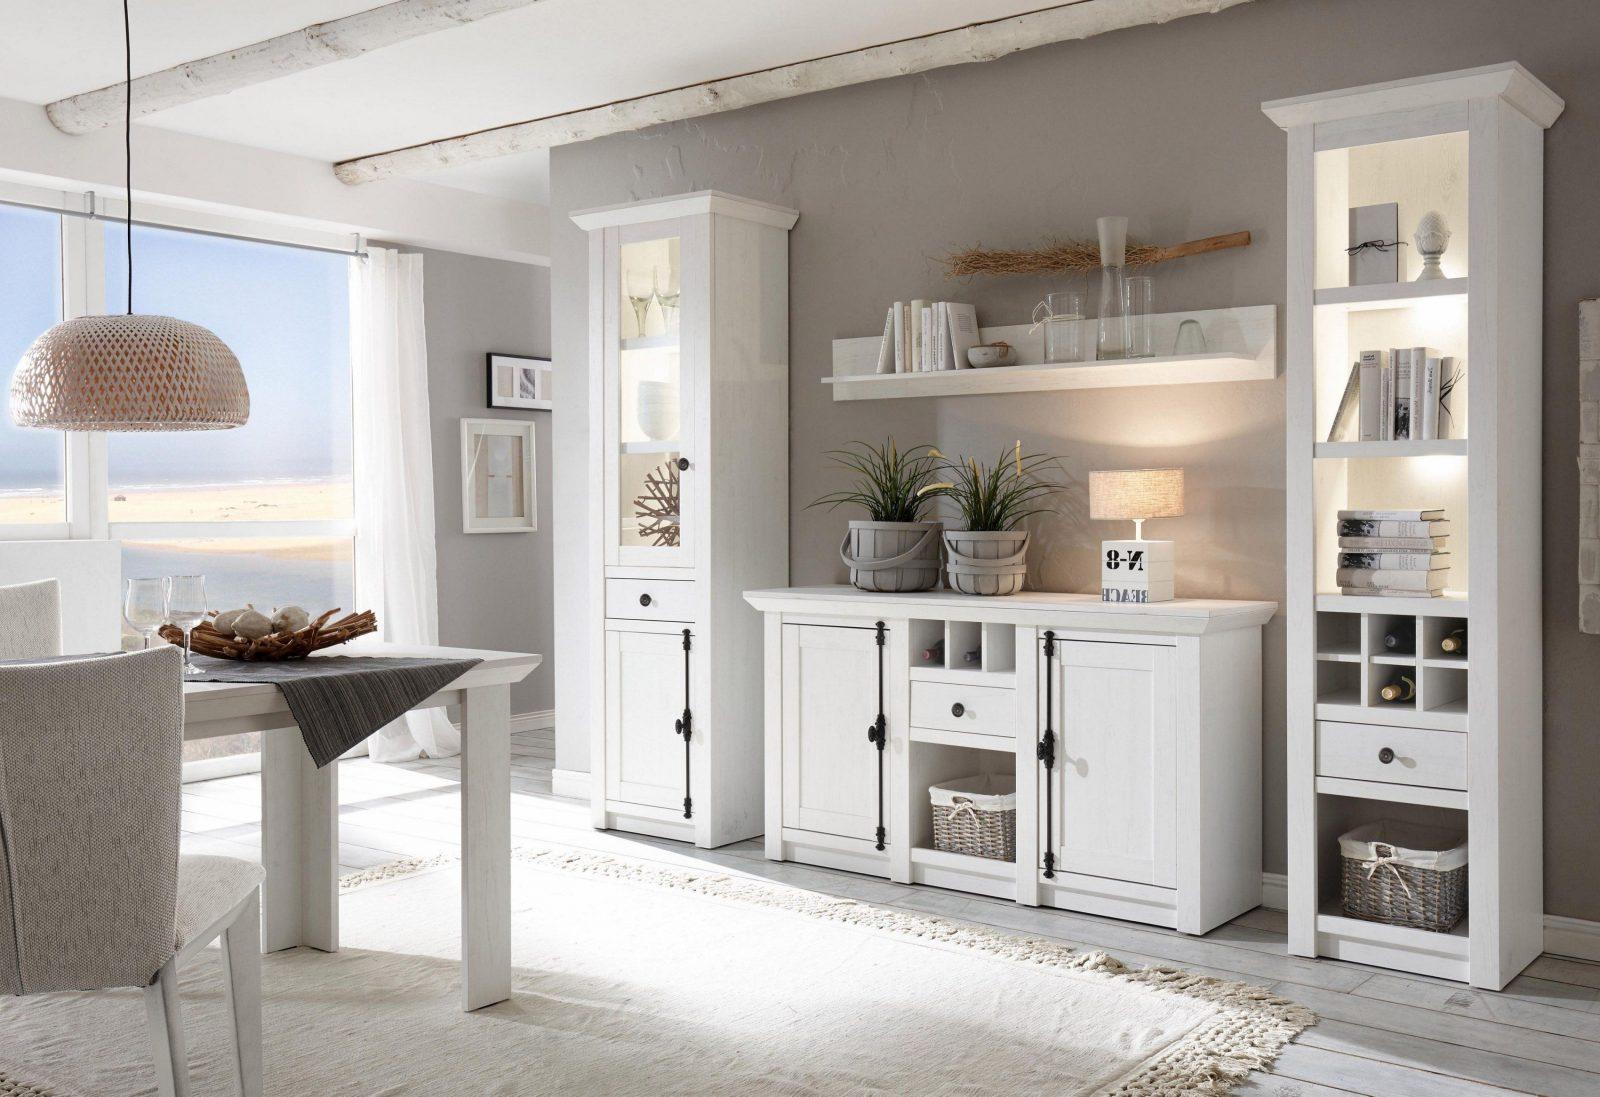 Wohnzimmer Im Landhausstil Auf Rechnung & Raten Kaufen  Baur In von Bilder Für Wohnzimmer Kaufen Photo